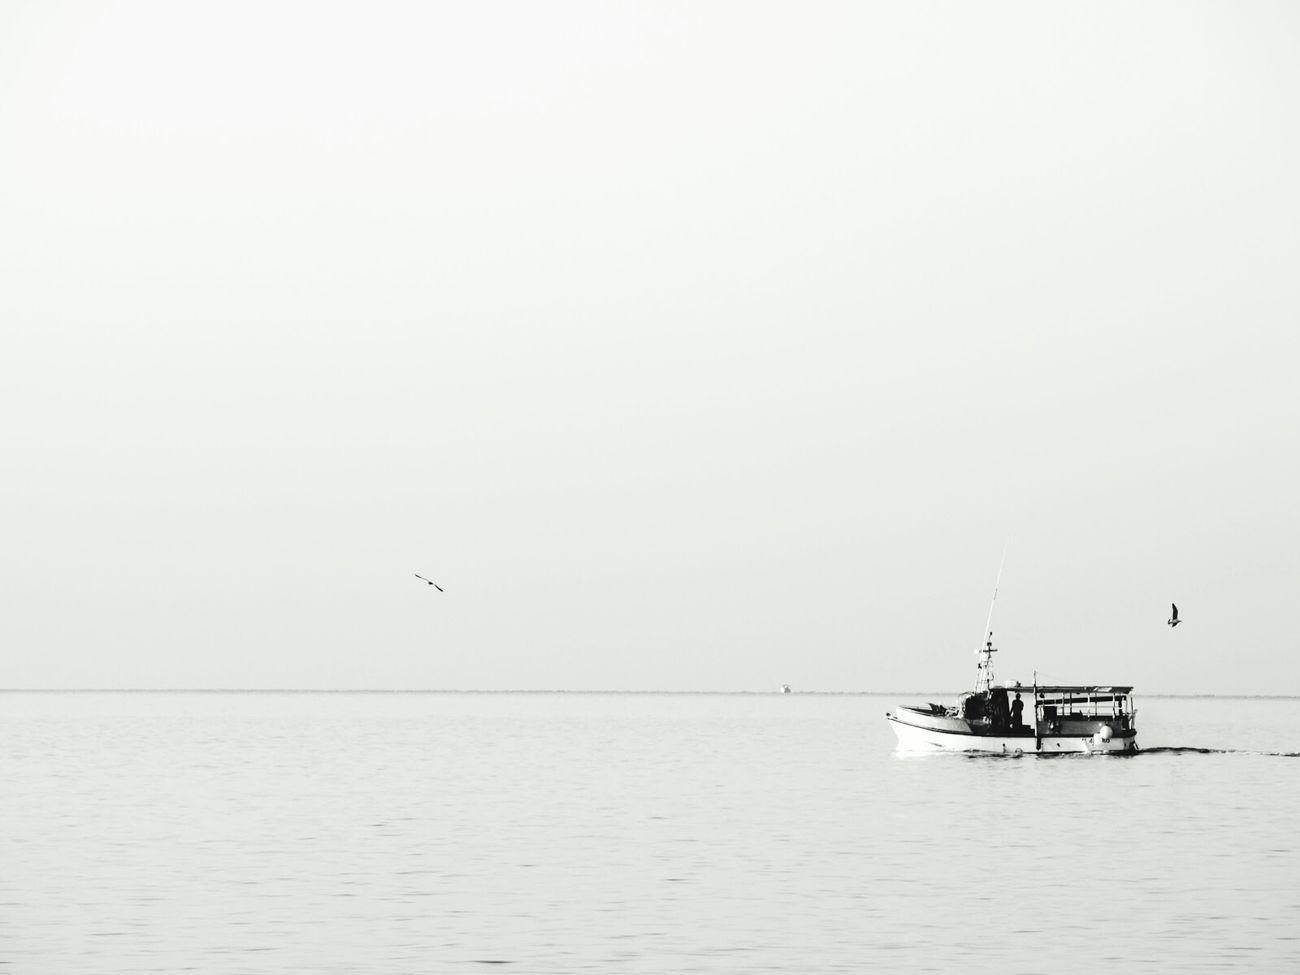 Sea Mer Bateau ❤️ Boat Cannes